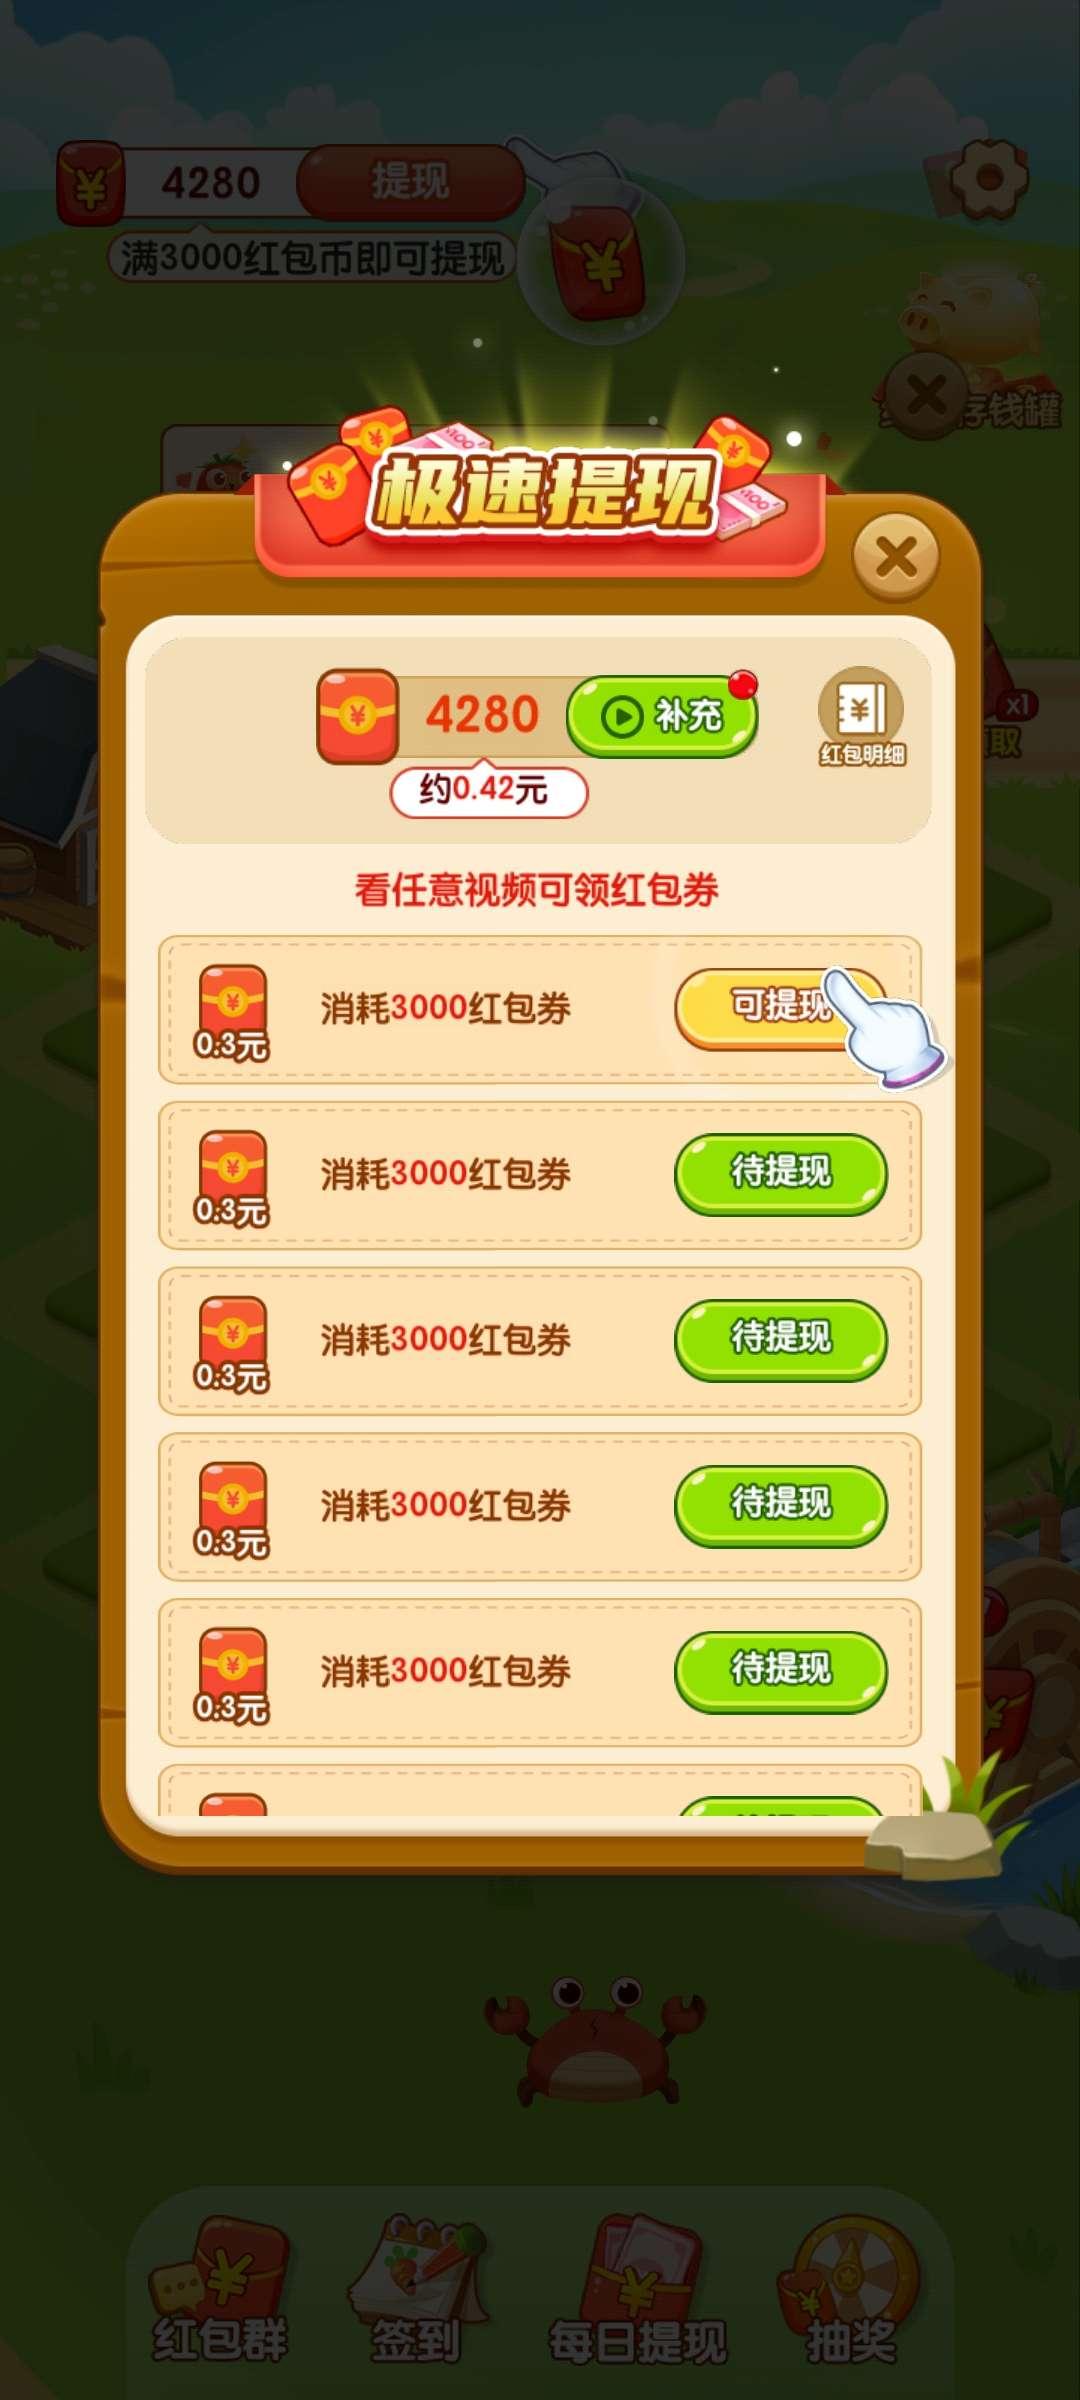 【红包】幸福快乐小大农场攒红包券取现大红包插图1